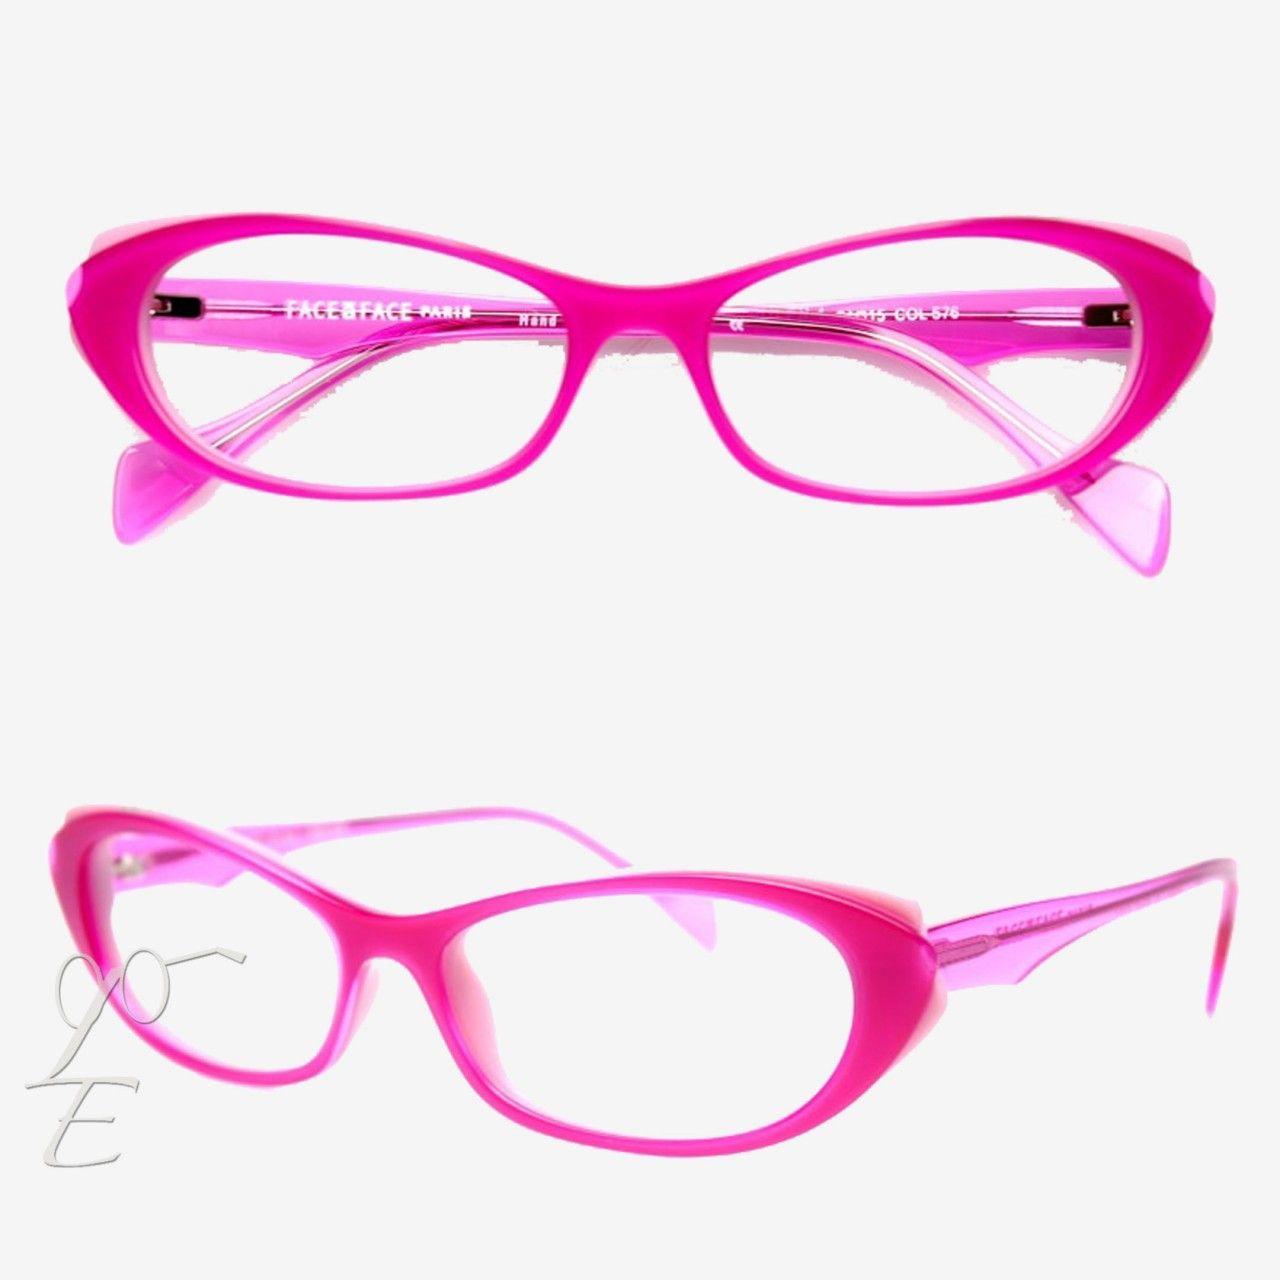 POLEN 1 | Face a Face | Designer Face a Face eyewear | Acetate ...